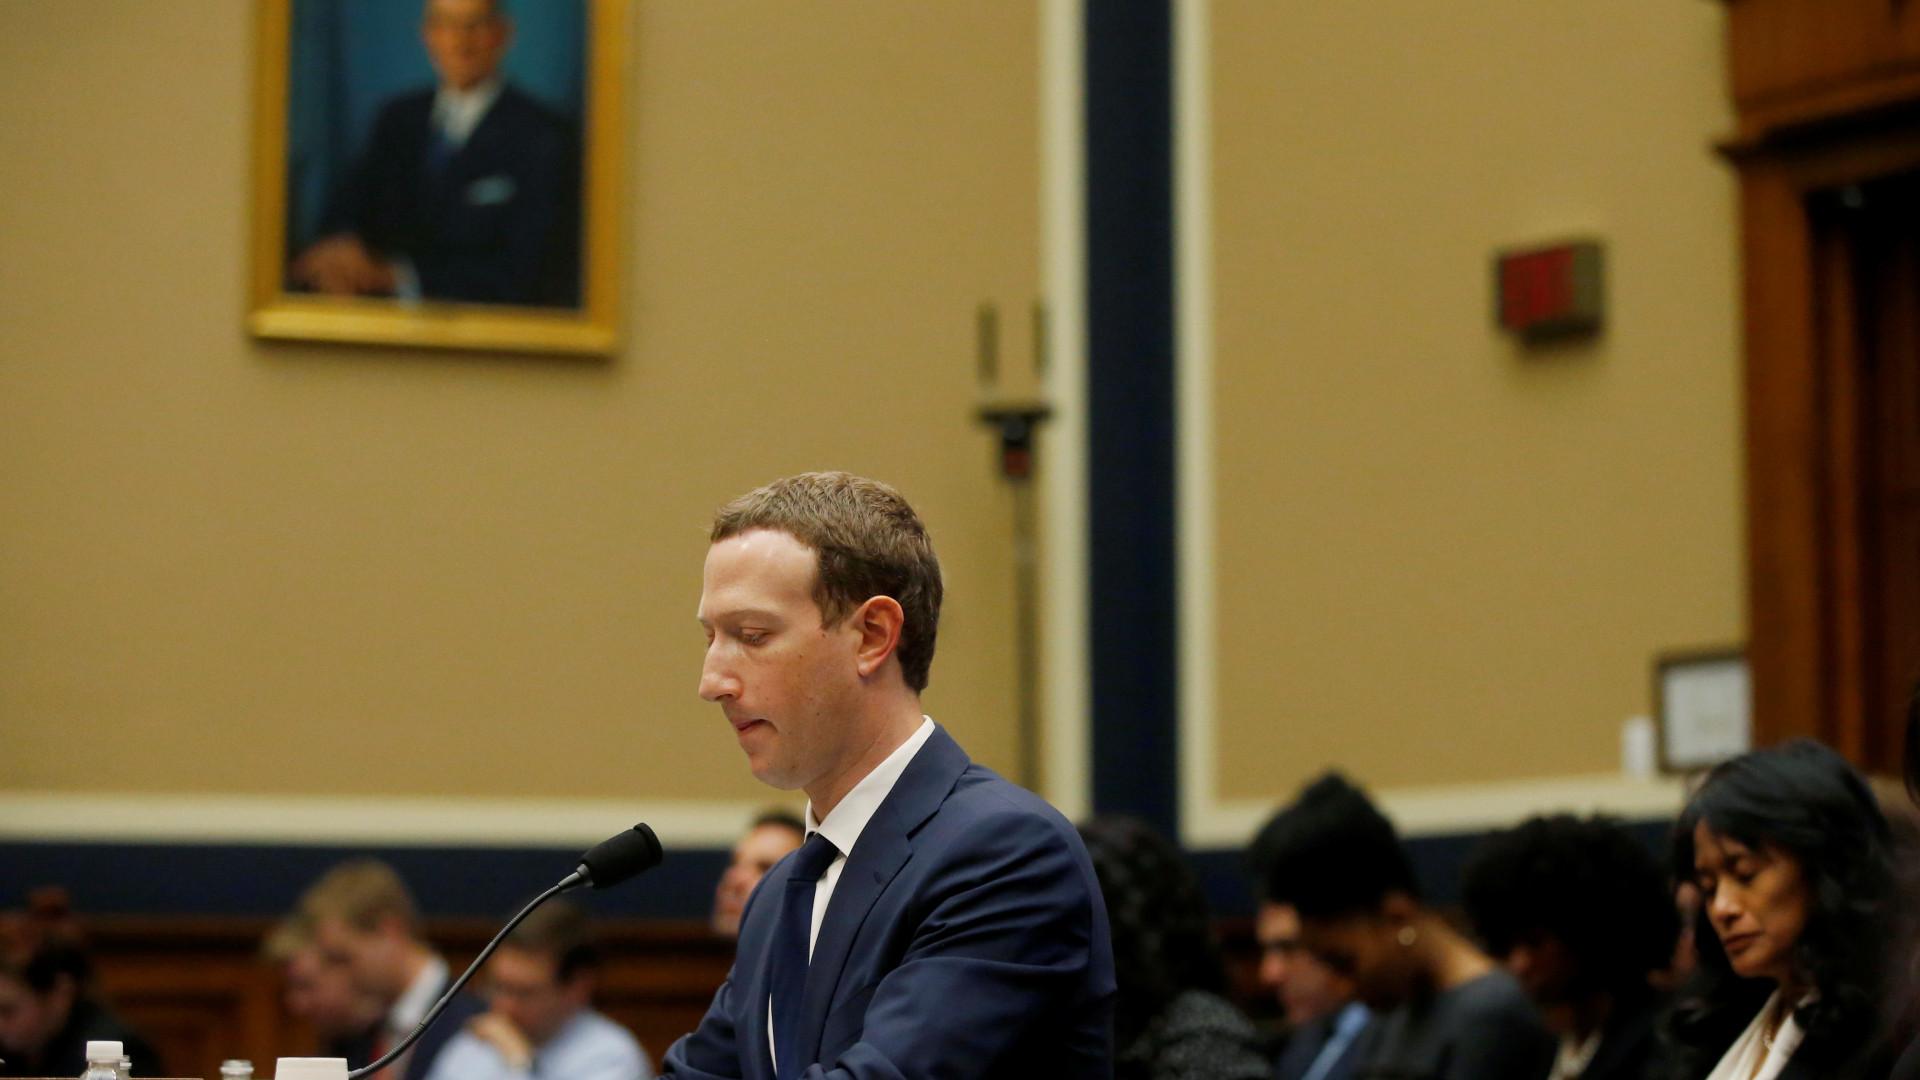 EUA já estão a preparar legislação para proteger privacidade